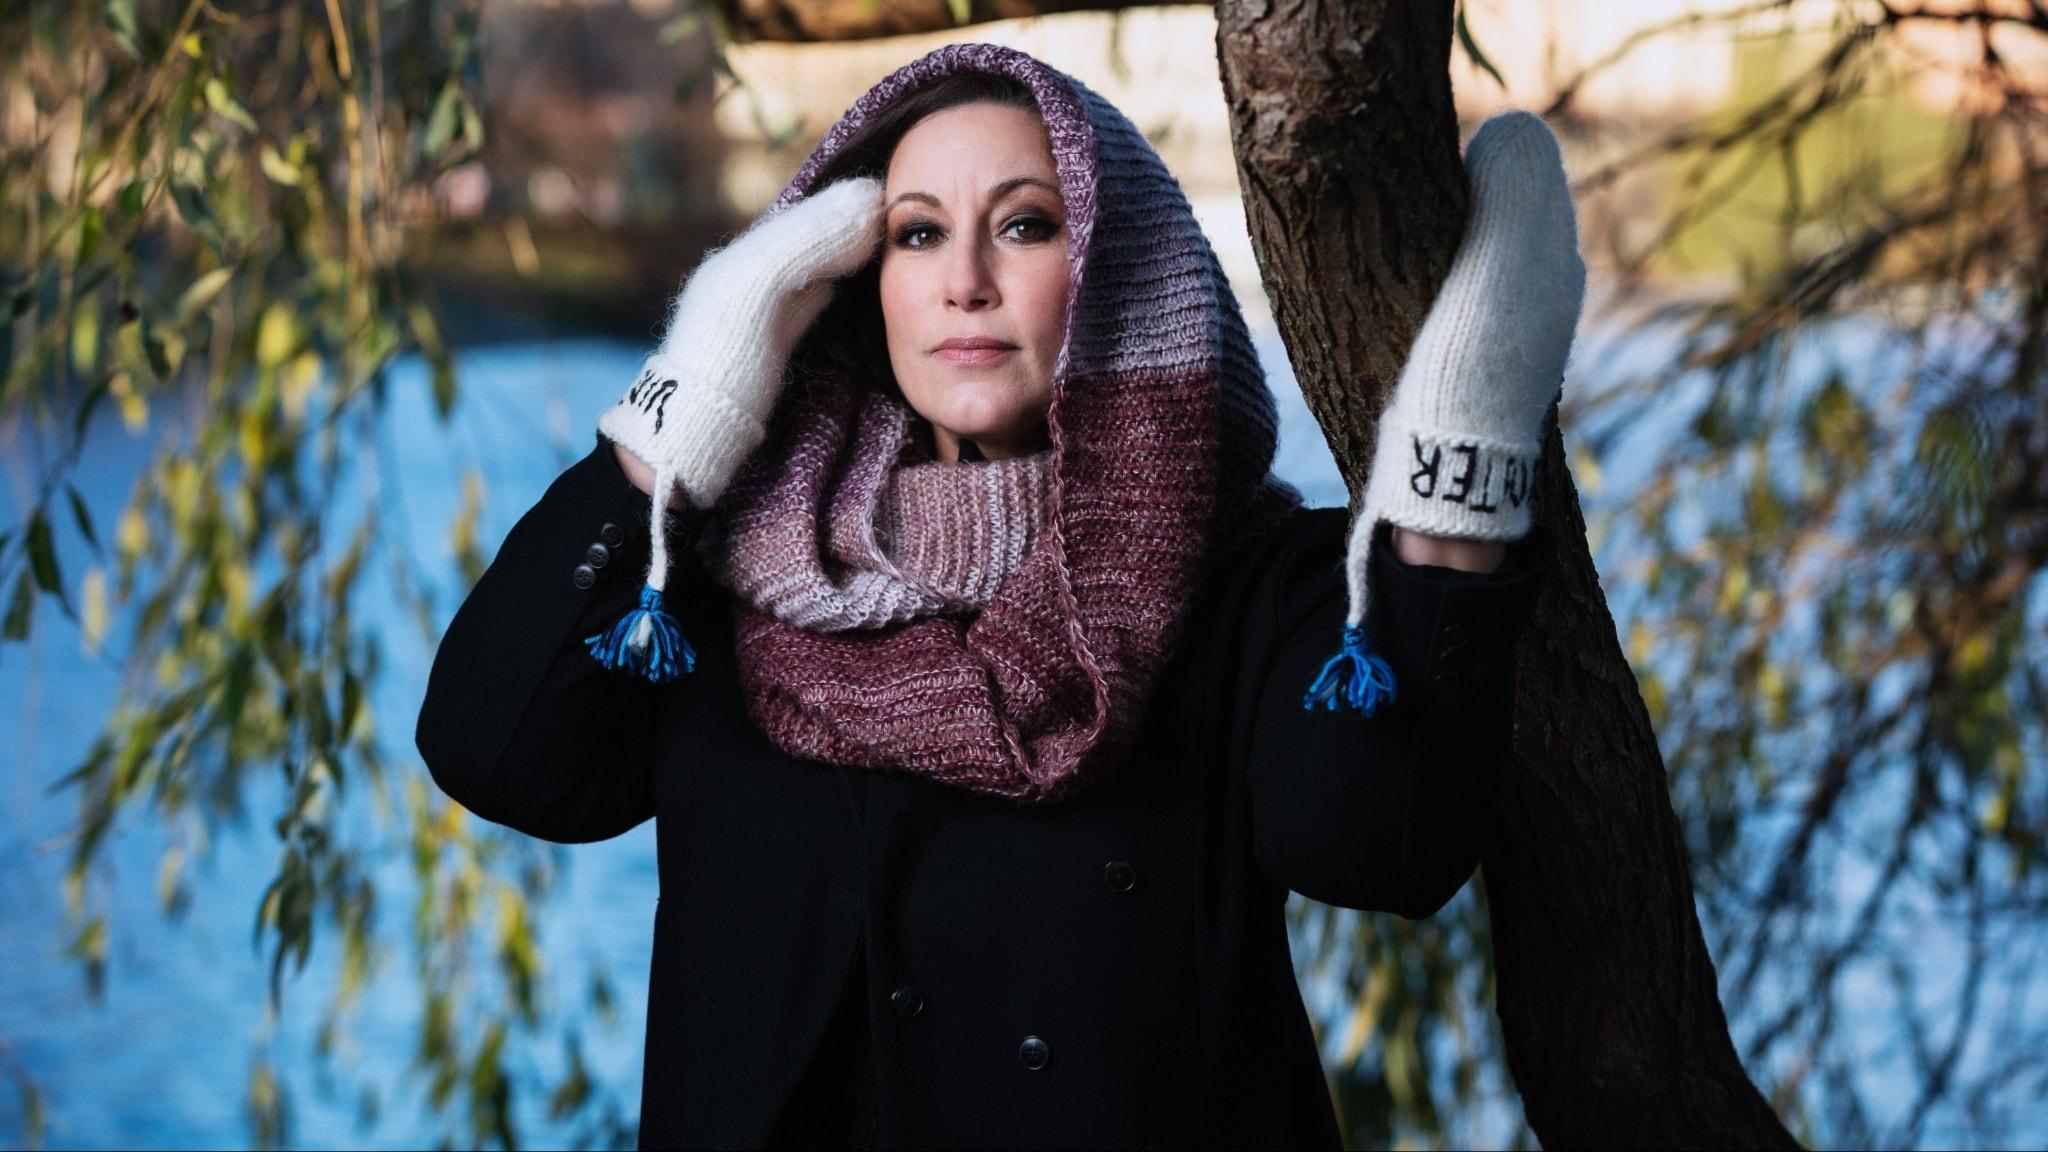 Lisa Nilsson, sångare och låtskrivare, är en av årets värdar i Vinter i P1